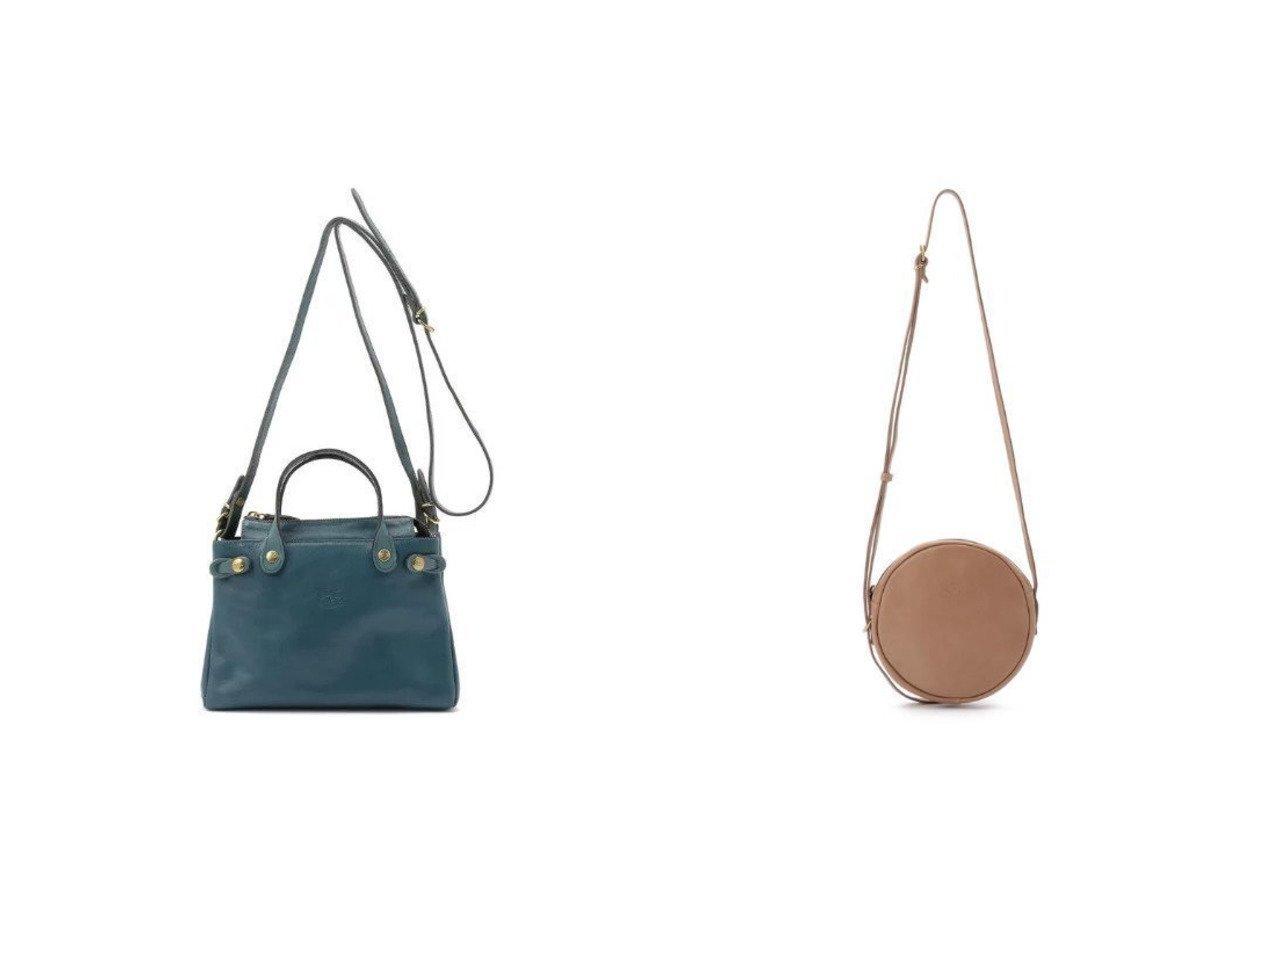 【IL BISONTE/イル ビゾンテ】のショルダーバッグ&クロスボディバッグ 【バッグ・鞄】おすすめ!人気、トレンド・レディースファッションの通販 おすすめで人気の流行・トレンド、ファッションの通販商品 インテリア・家具・メンズファッション・キッズファッション・レディースファッション・服の通販 founy(ファニー) https://founy.com/ ファッション Fashion レディースファッション WOMEN バッグ Bag クラシカル ハンドバッグ フォルム フロント ポケット 台形 サークル ショルダー スリム |ID:crp329100000067740